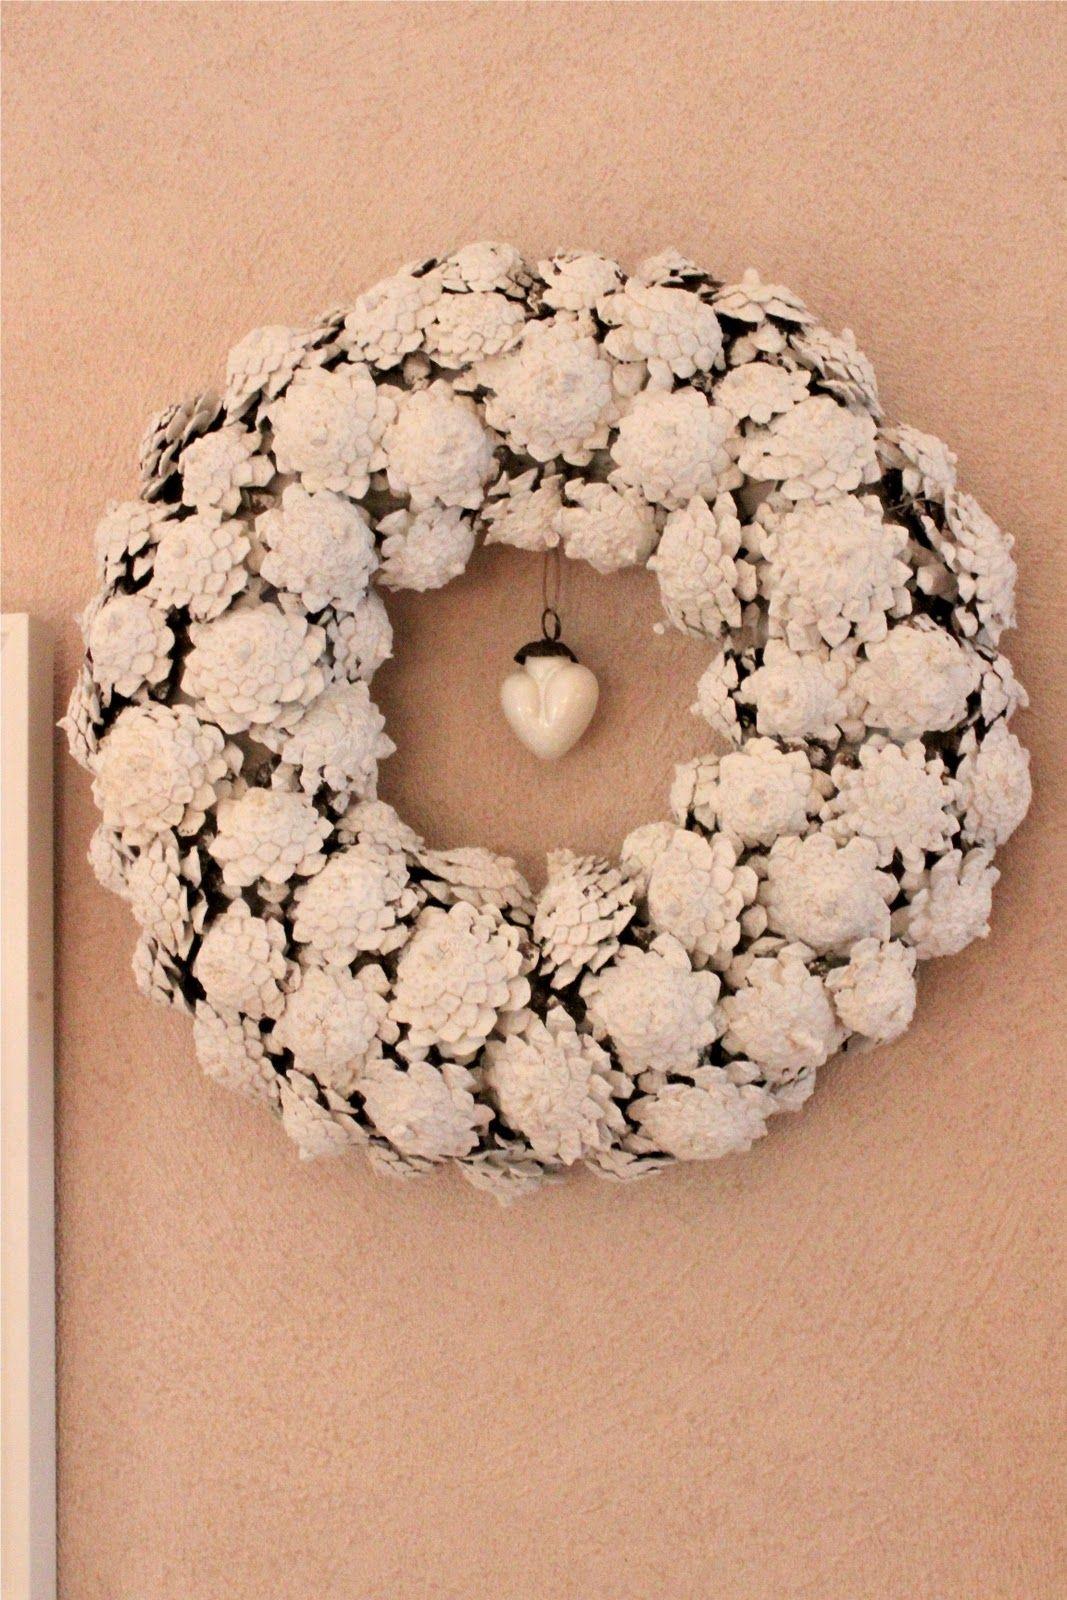 Schon flei ig am dekorieren f r die neue saison im haus schauen sie sich hier die vielen ideen - Pinterest bastelideen ...